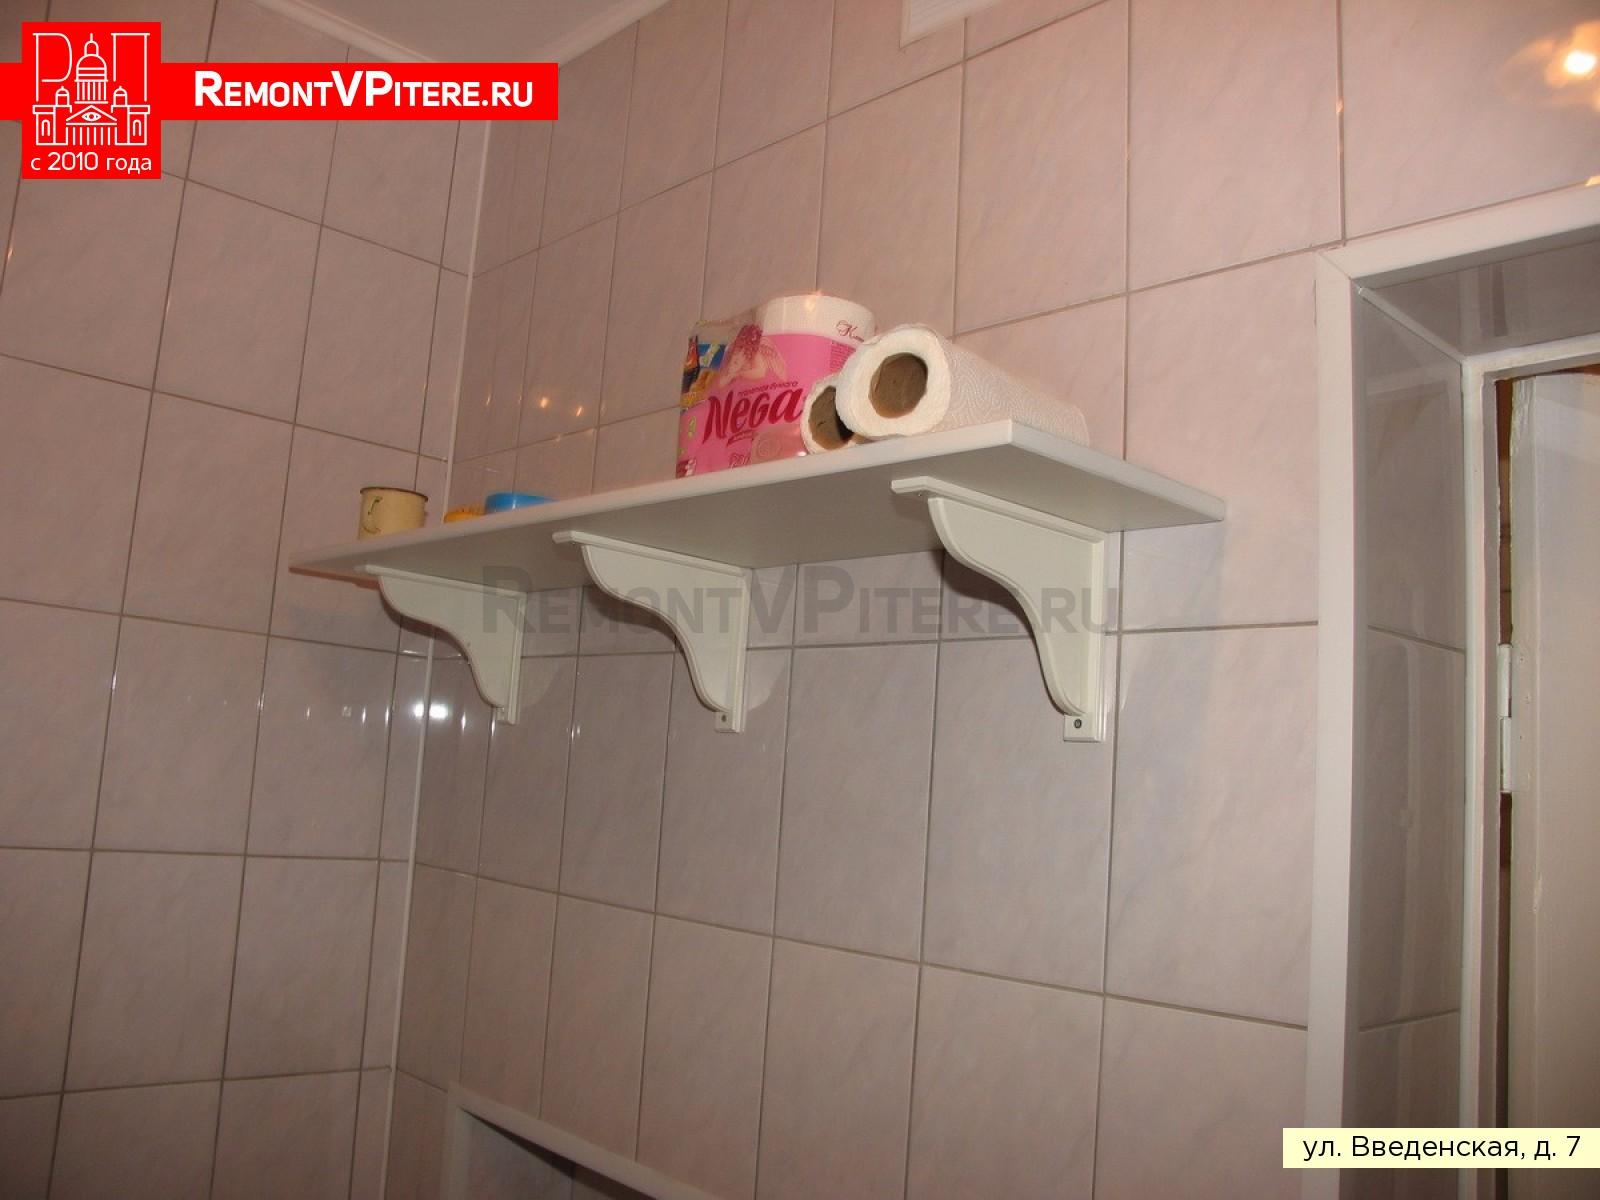 Монтаж полочек в ванной